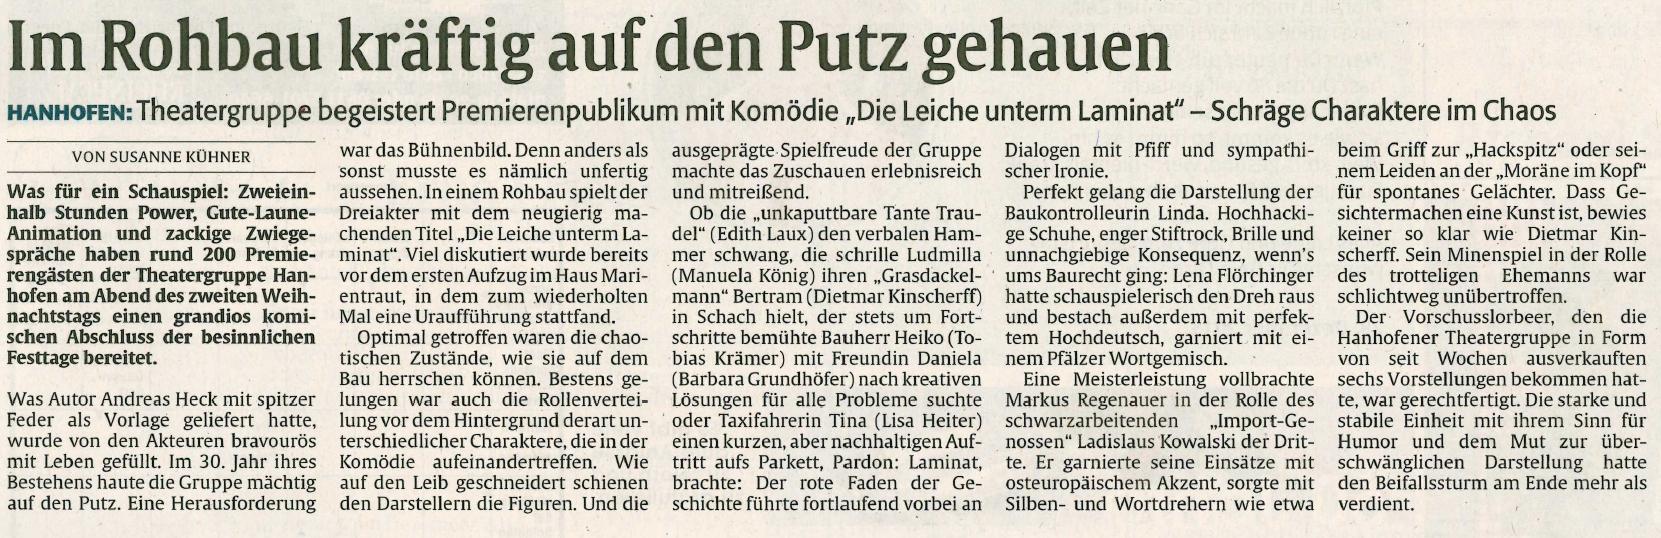 """Bericht über """"Die Leiche unterm Laminat"""" der Aufführung der TGH in der Rheinpfalz - Speyerer Rundschau"""